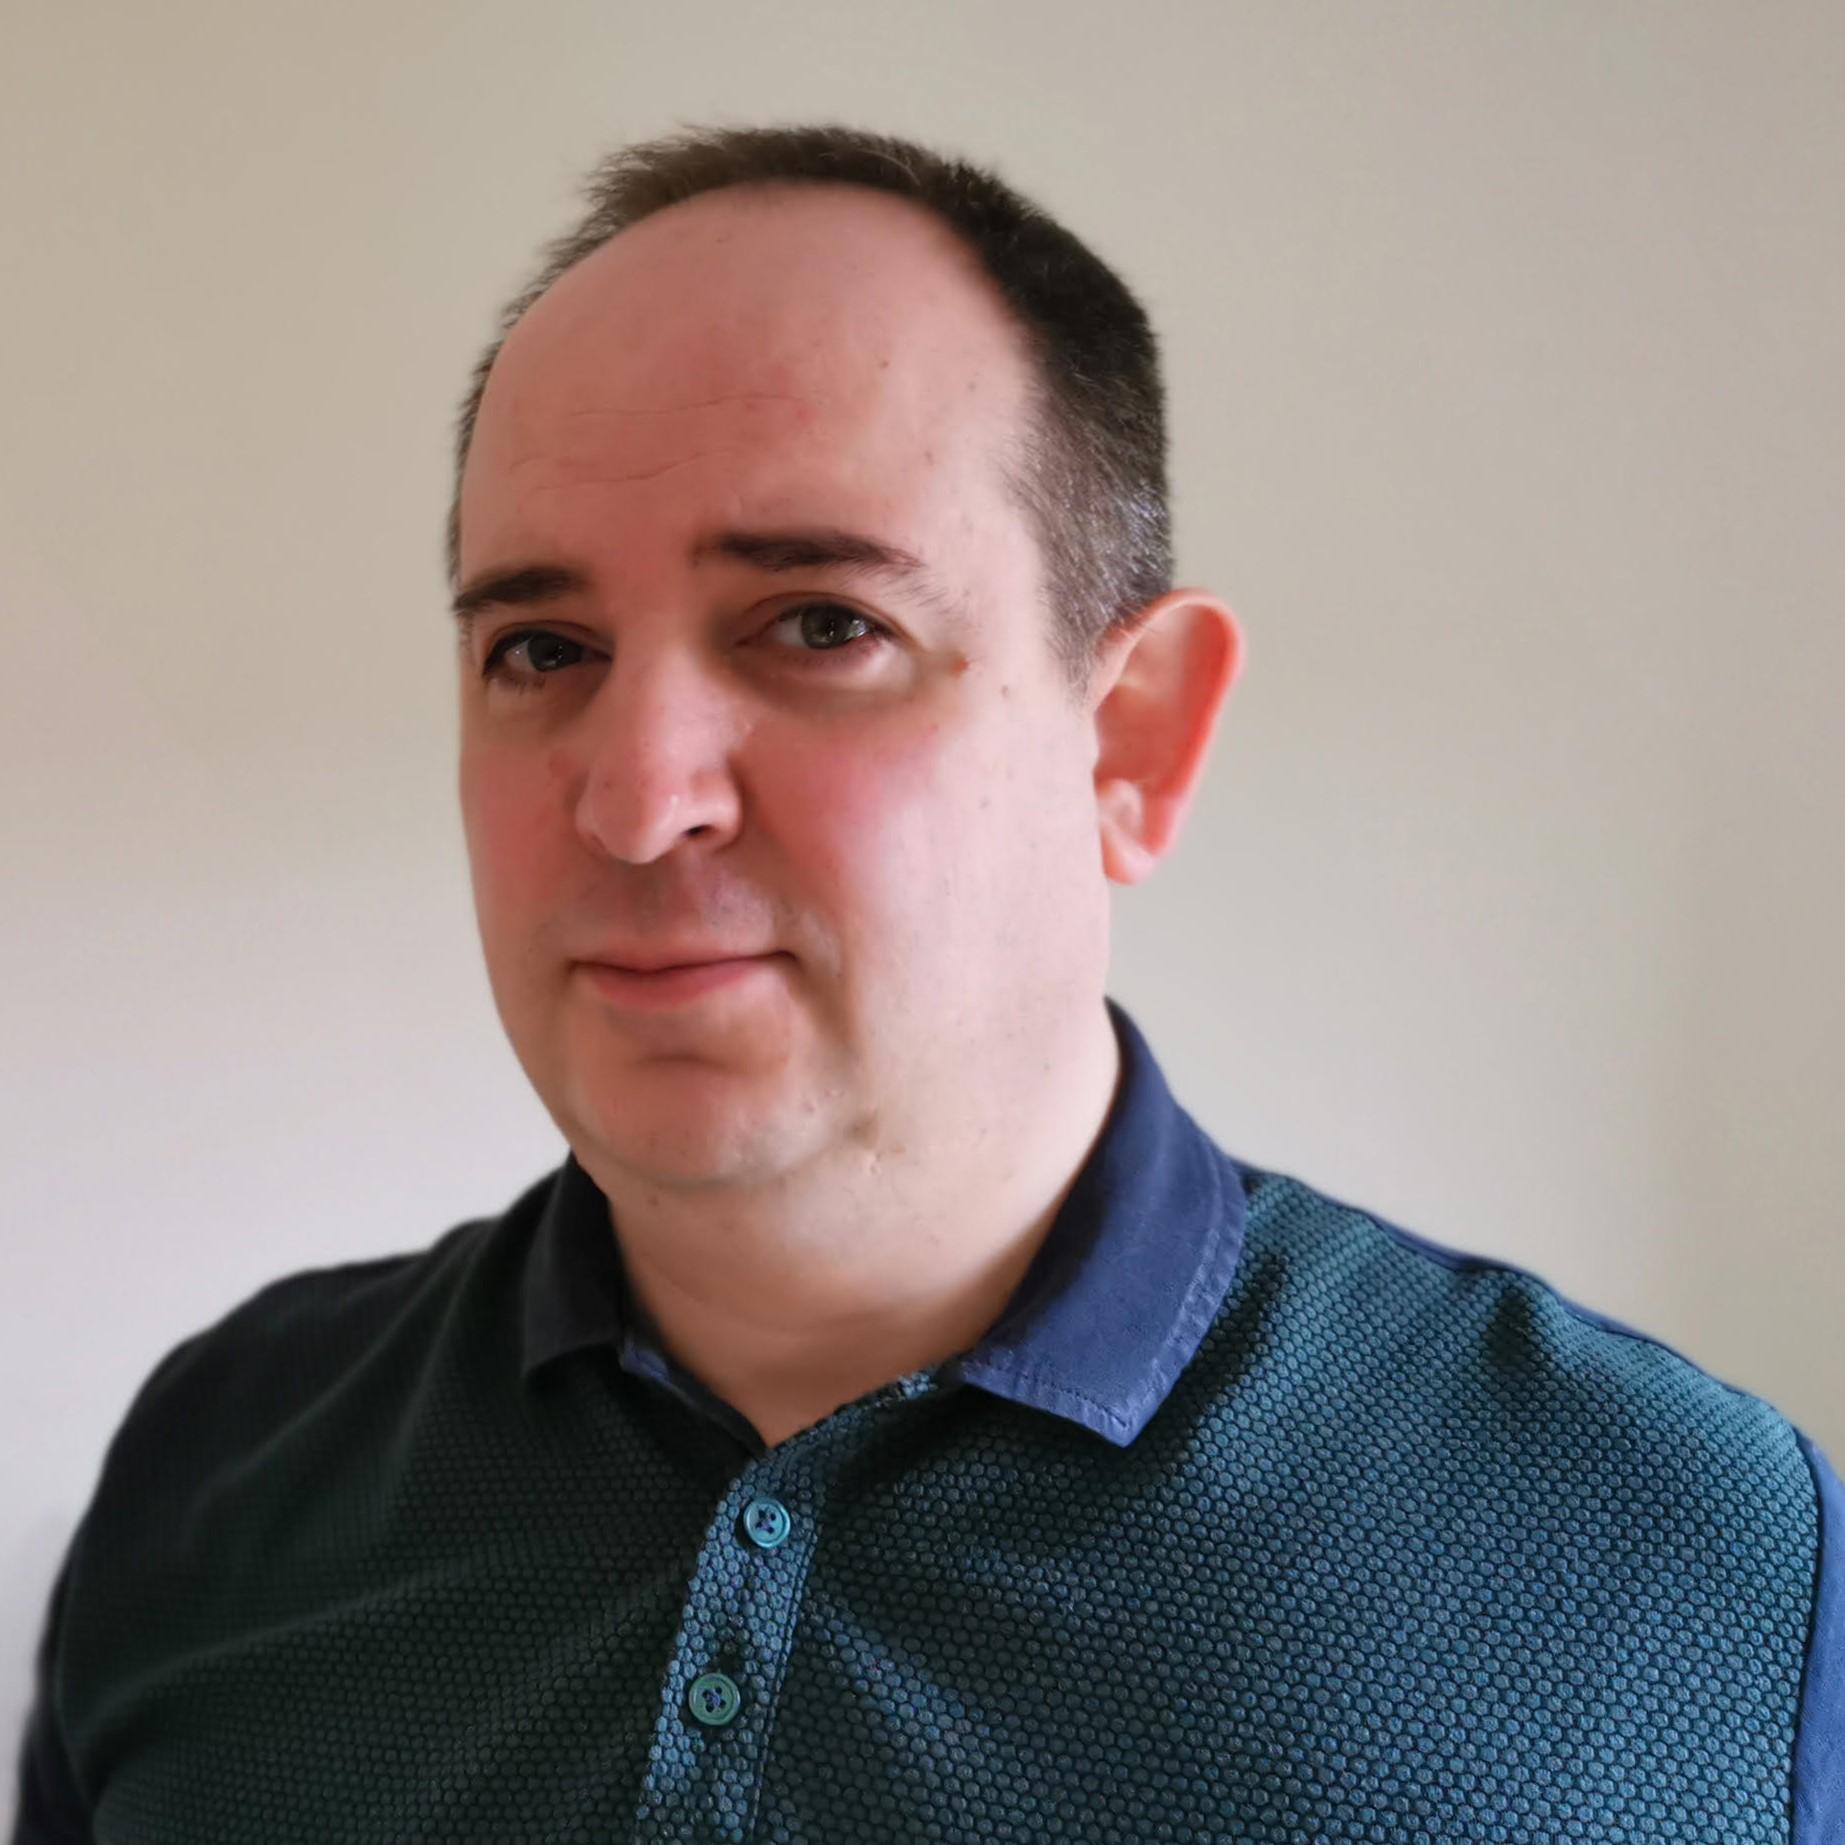 Farhad Jahangirov